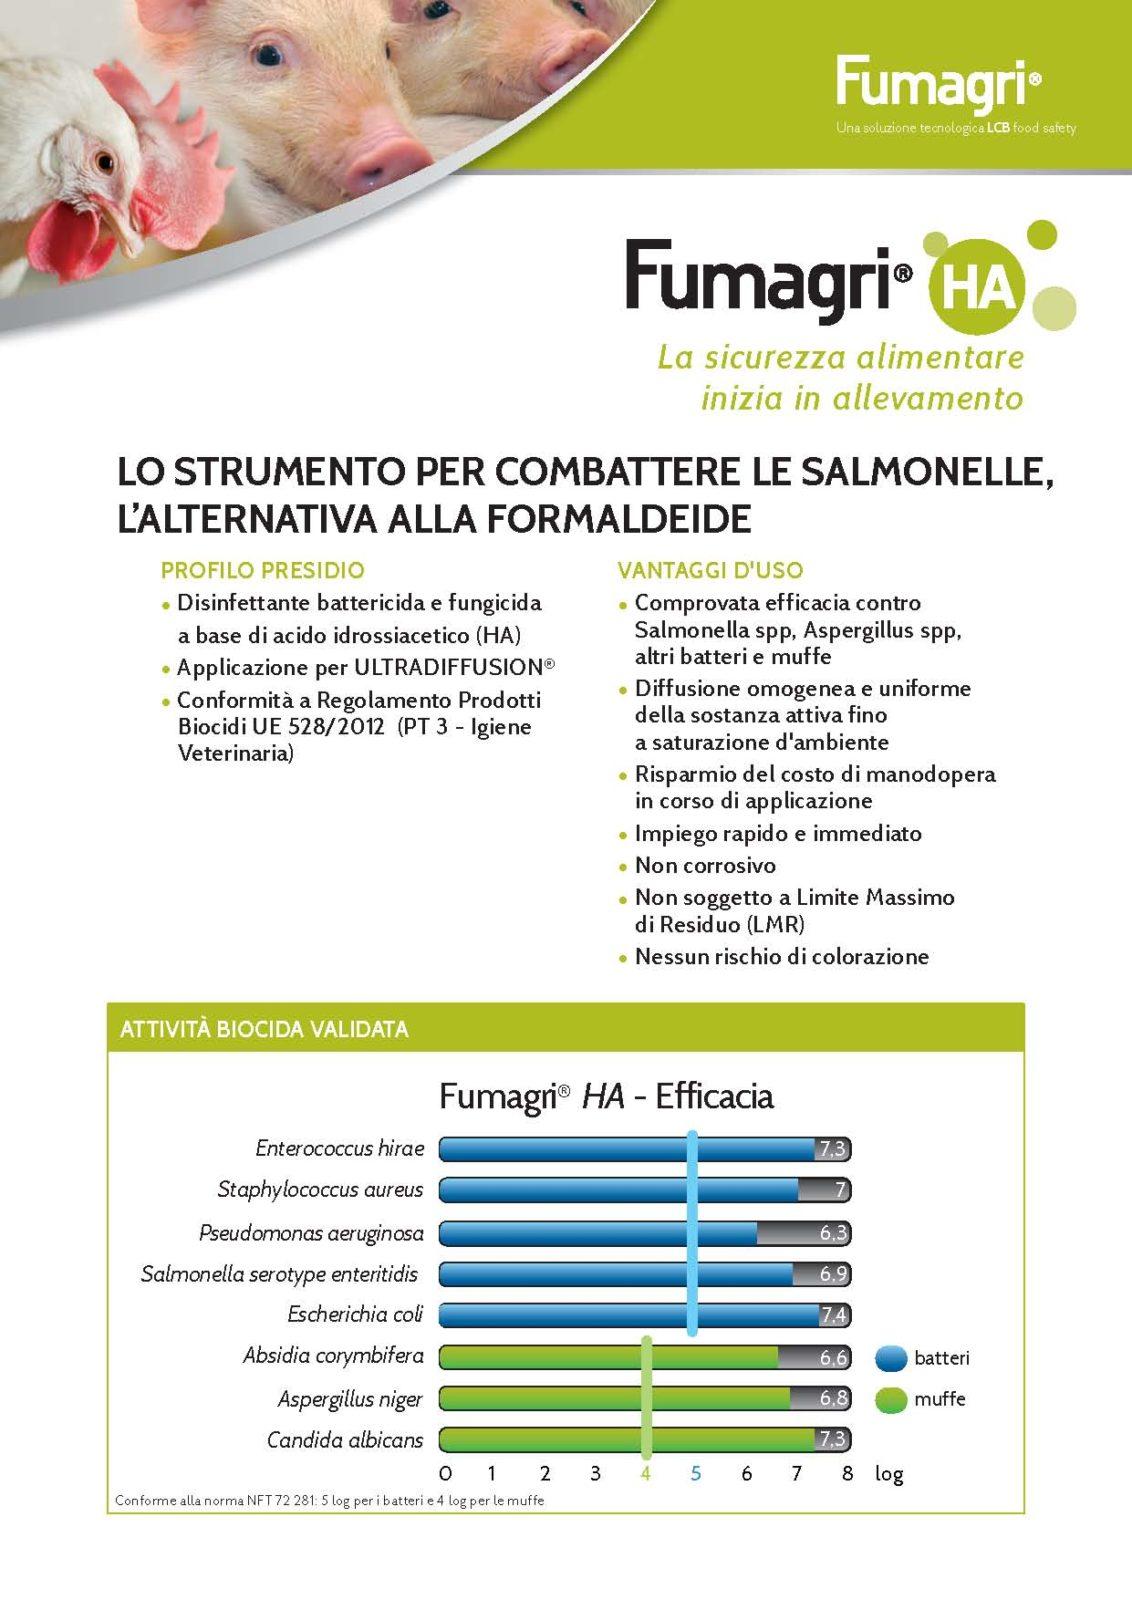 Fumagri HA: lo strumento per combattere le salmonelle, l'alternativa alla formaldeide.